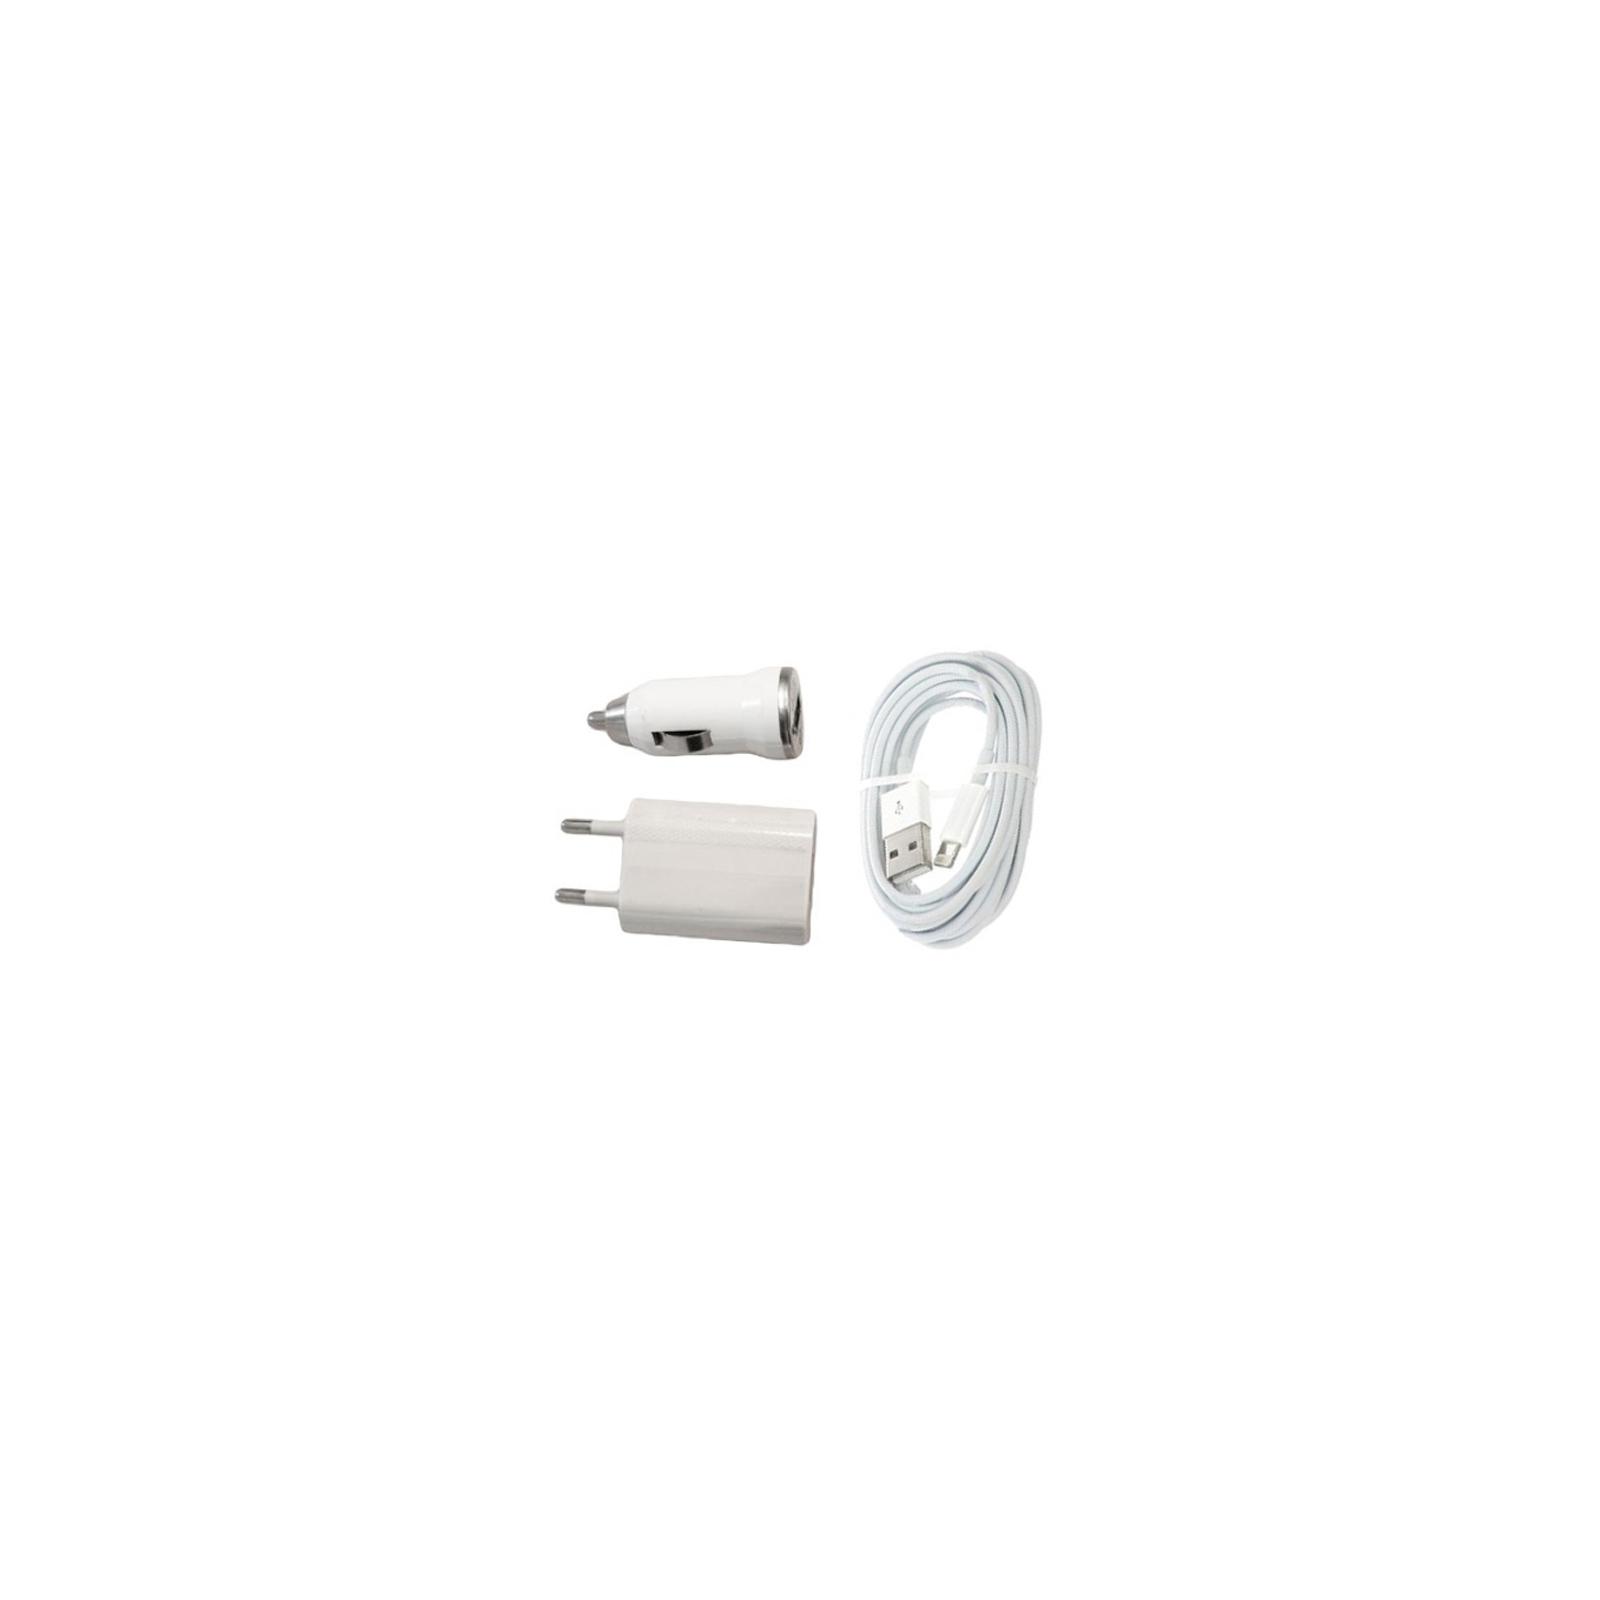 Зарядное устройство EasyLink (3 в 1) +кабель Lightning (EL-199 W)